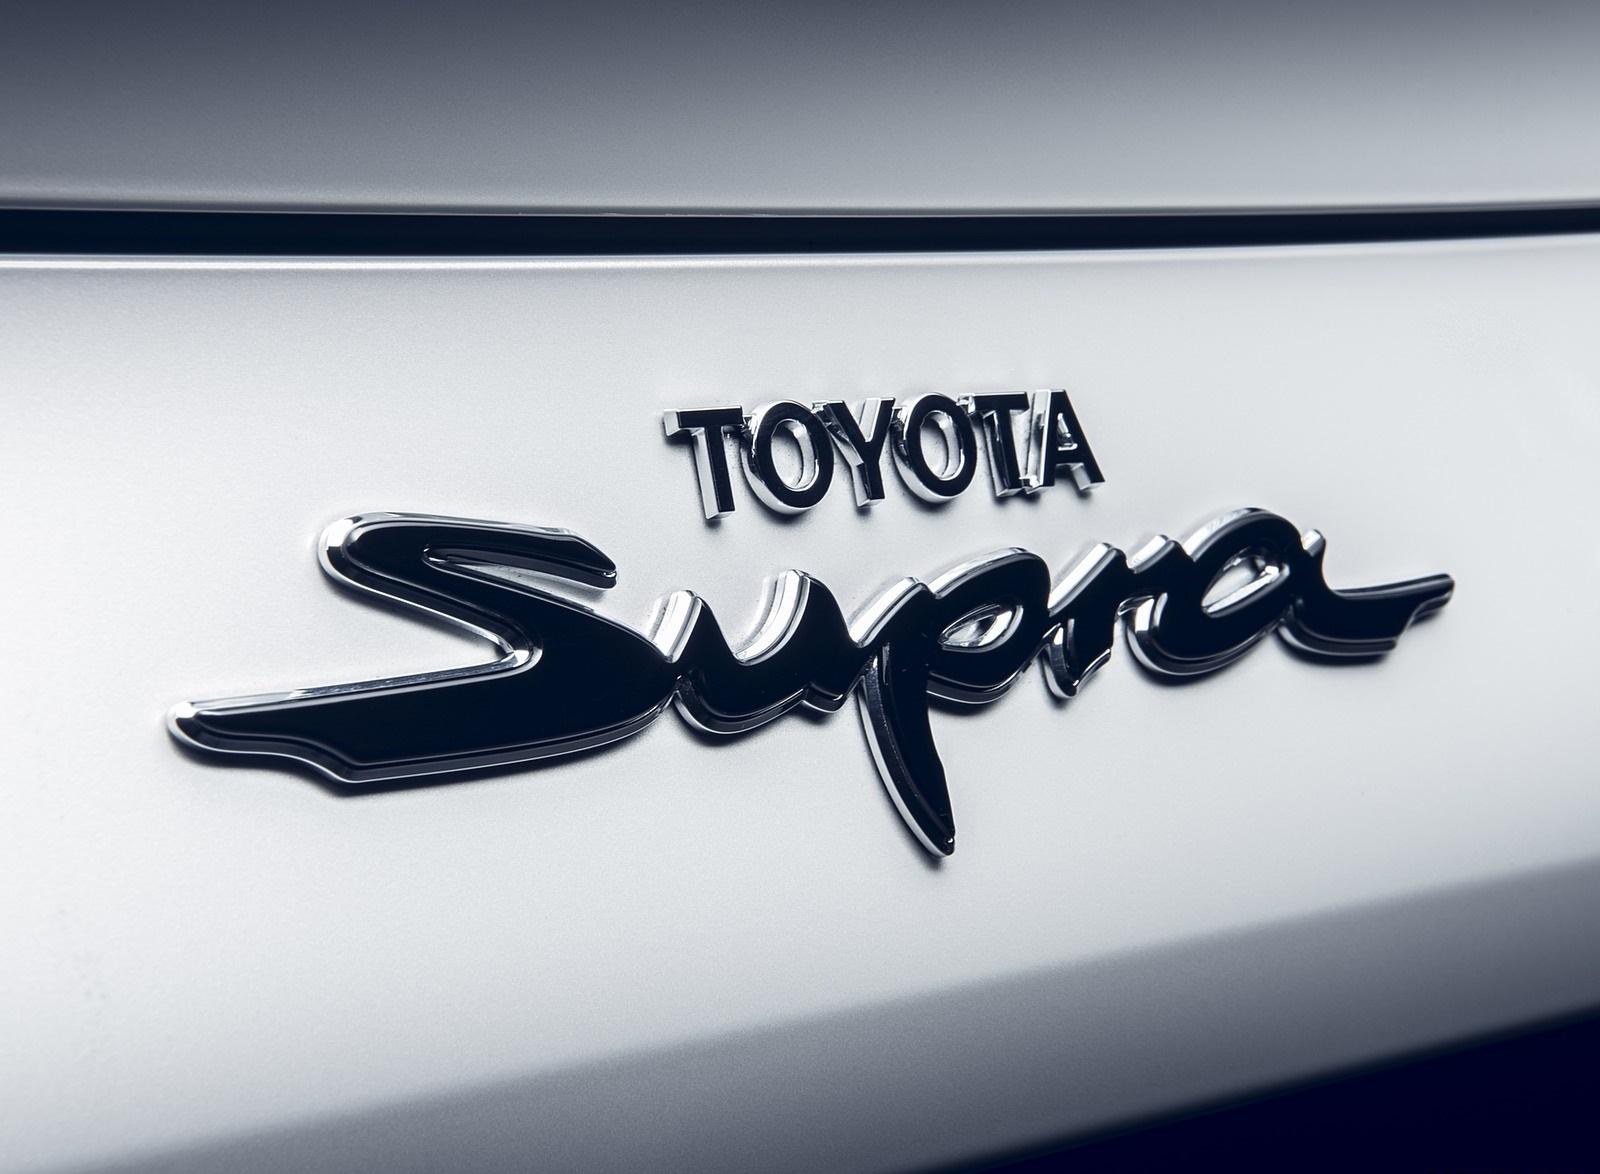 2020 Toyota GR Supra 2.0L Badge Wallpapers (8)